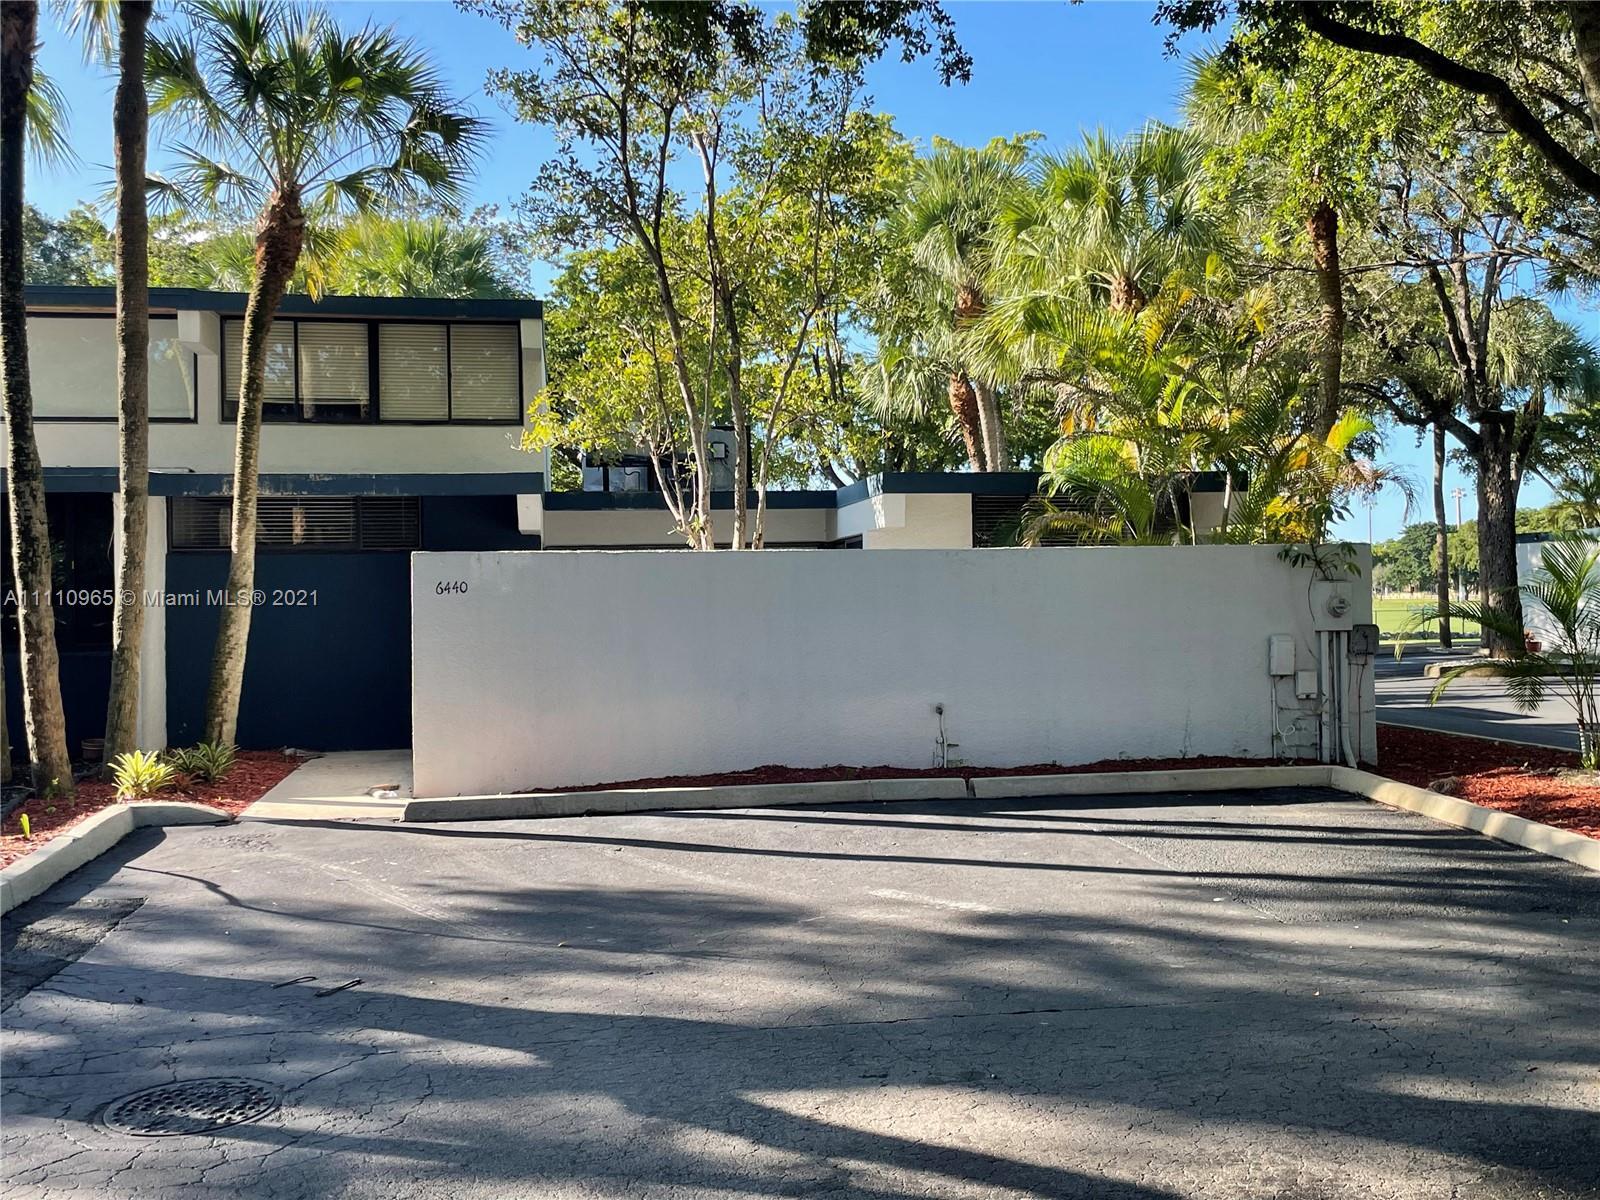 MIAMI LAKES WINDMILL GATE Condo,For Sale,MIAMI LAKES WINDMILL GATE Brickell,realty,broker,condos near me